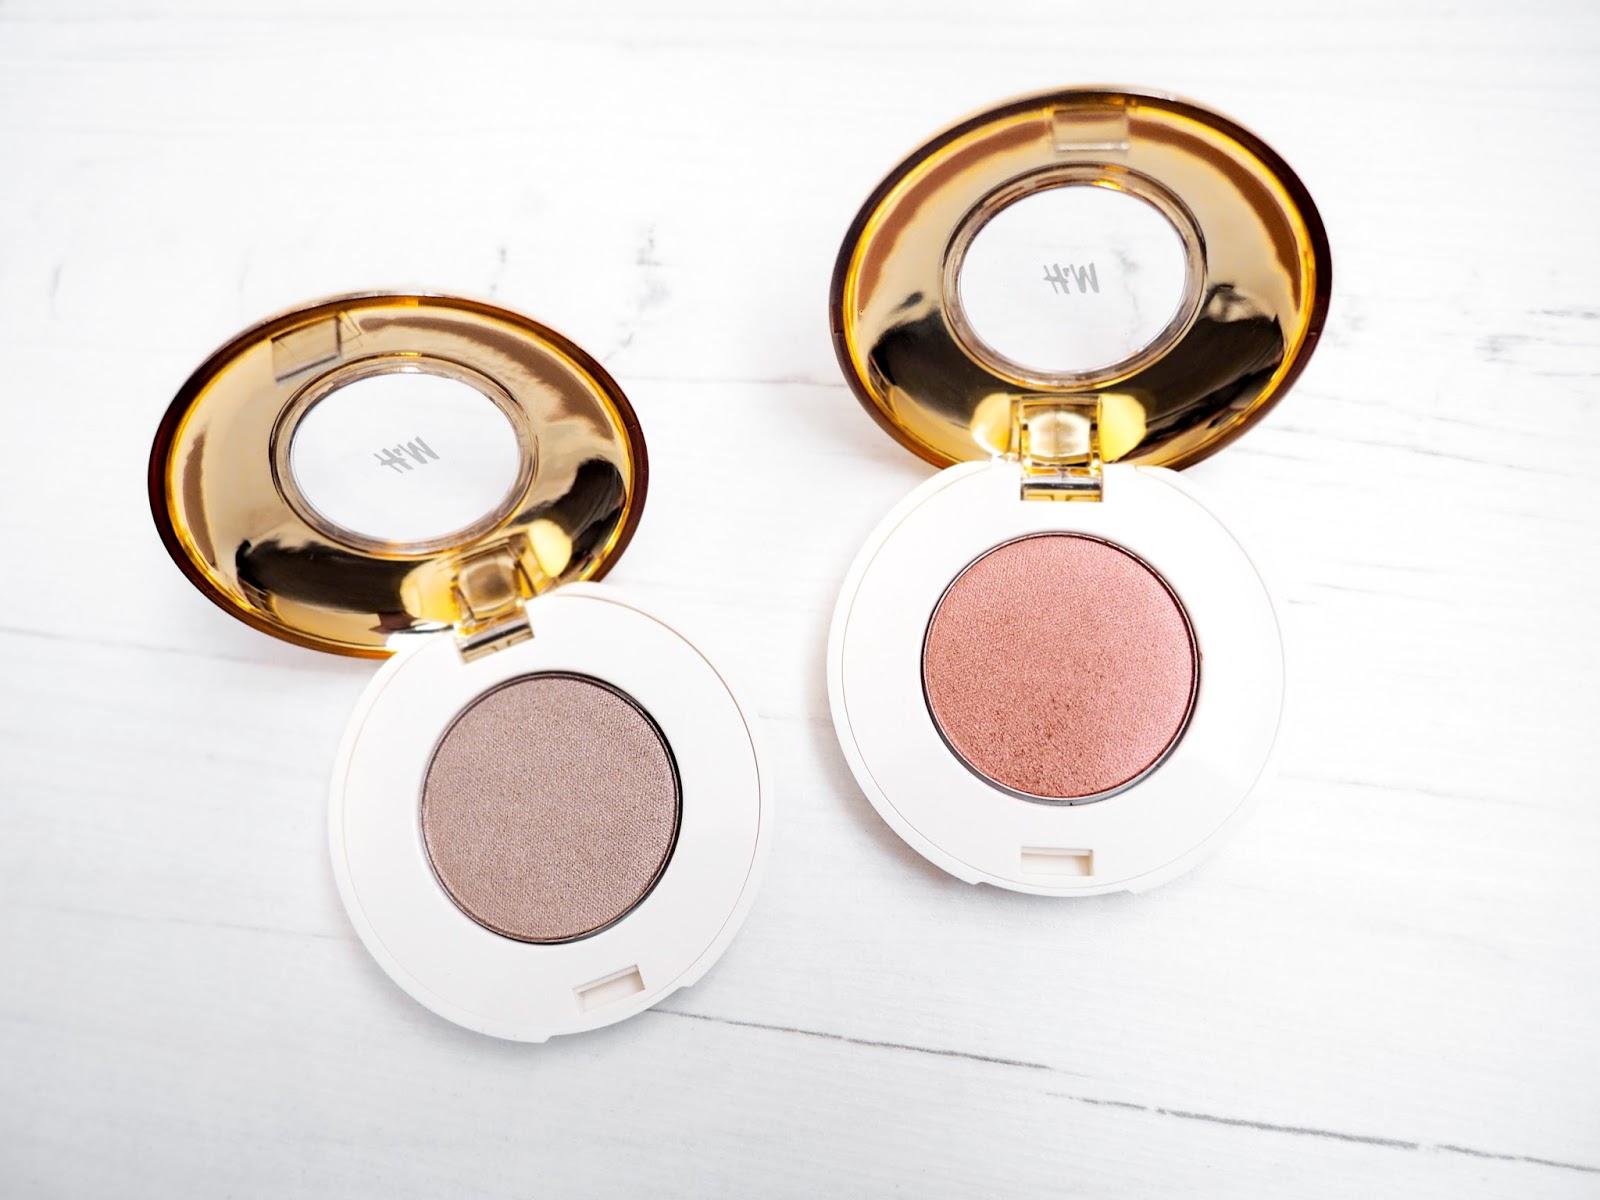 H&M Beauty Eyeshadows Shiitake Russet Rose